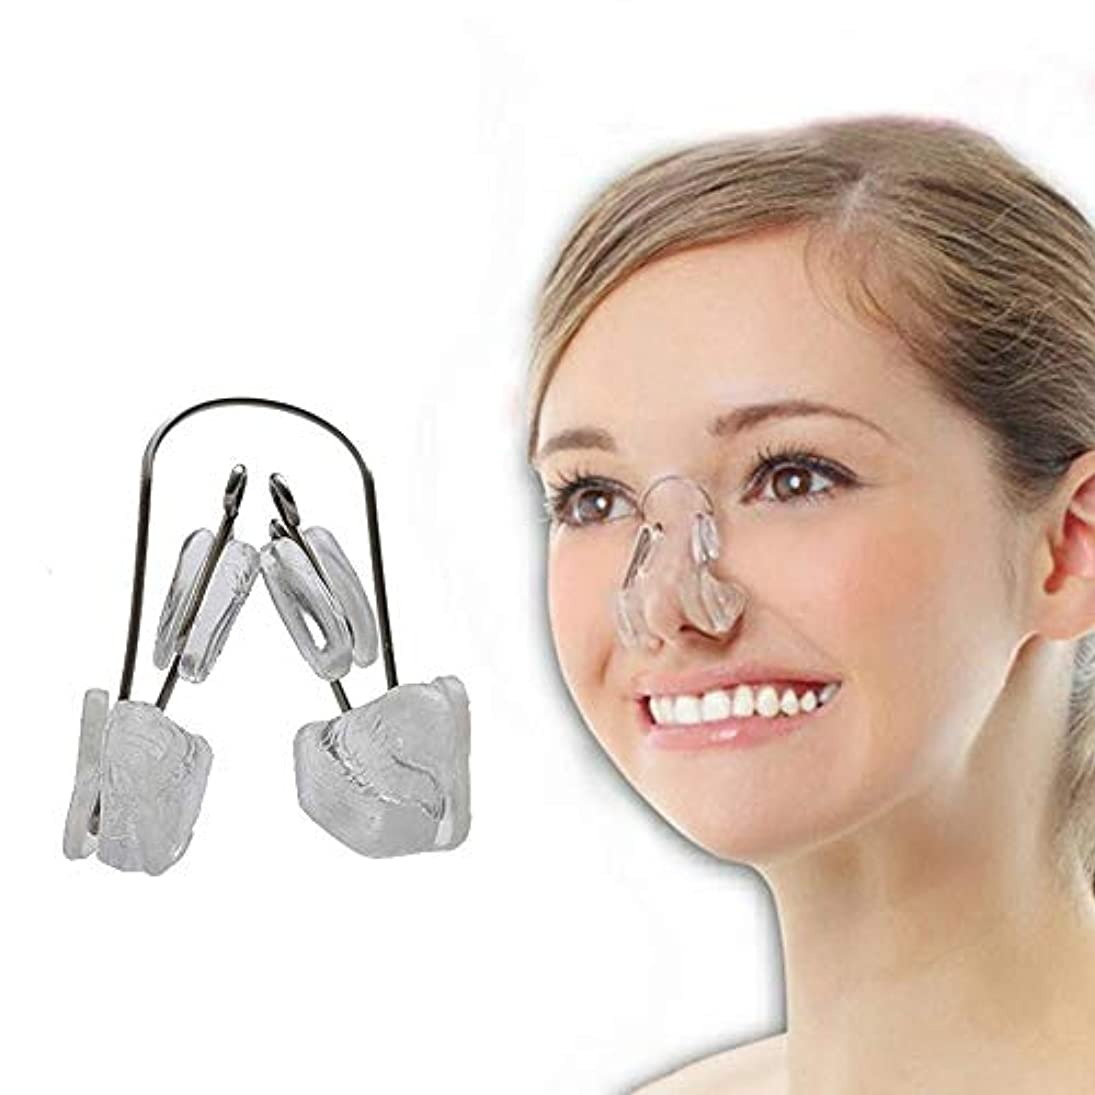 ギャング思慮のない召集するLindexs ないノーズアップピン ノーズアップピン 美鼻クリップ 鼻高く 鼻筋 矯正 (クリア)